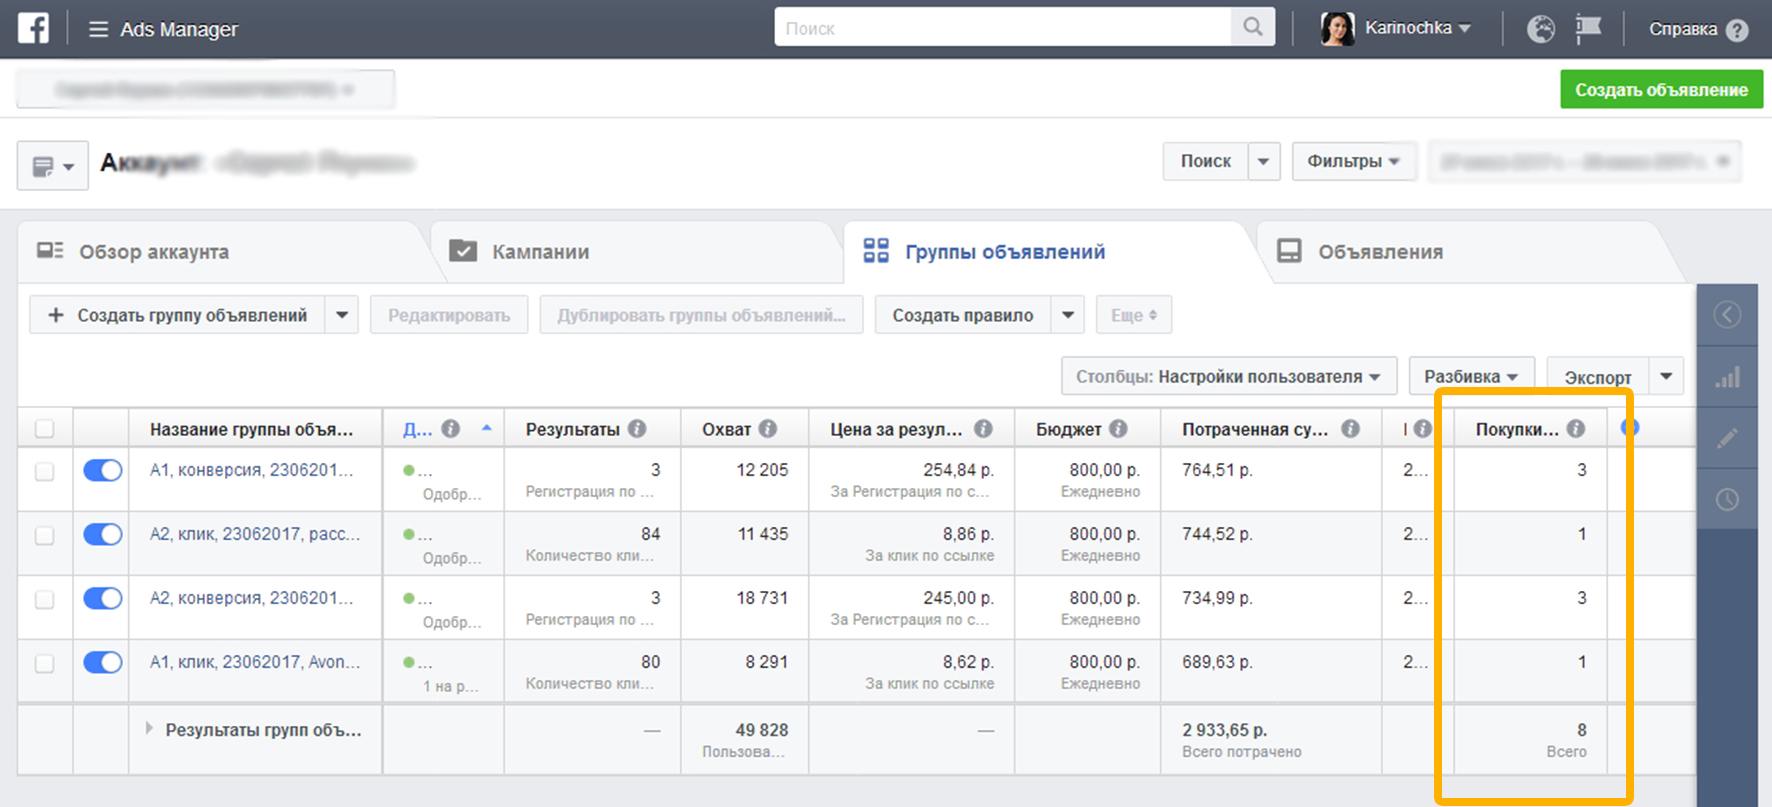 Промежуточный результат статистики и отчета в менеджере рекламы Фейсбук, где уже видна результативная аудитория.